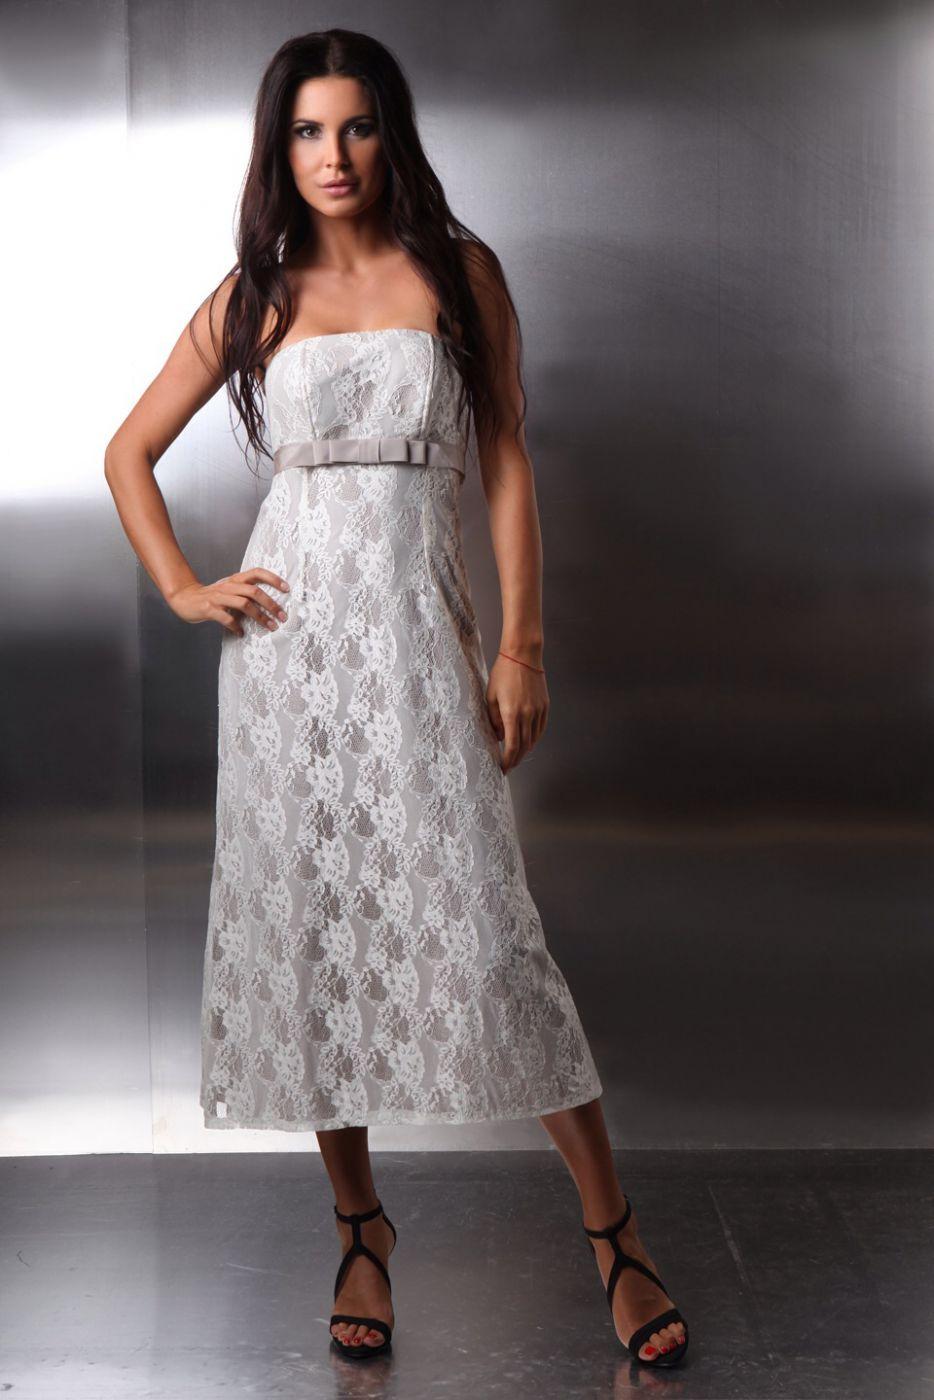 kurze hochzeitskleid standesamt spitze schulterfrei creme beige kleiderfreuden. Black Bedroom Furniture Sets. Home Design Ideas